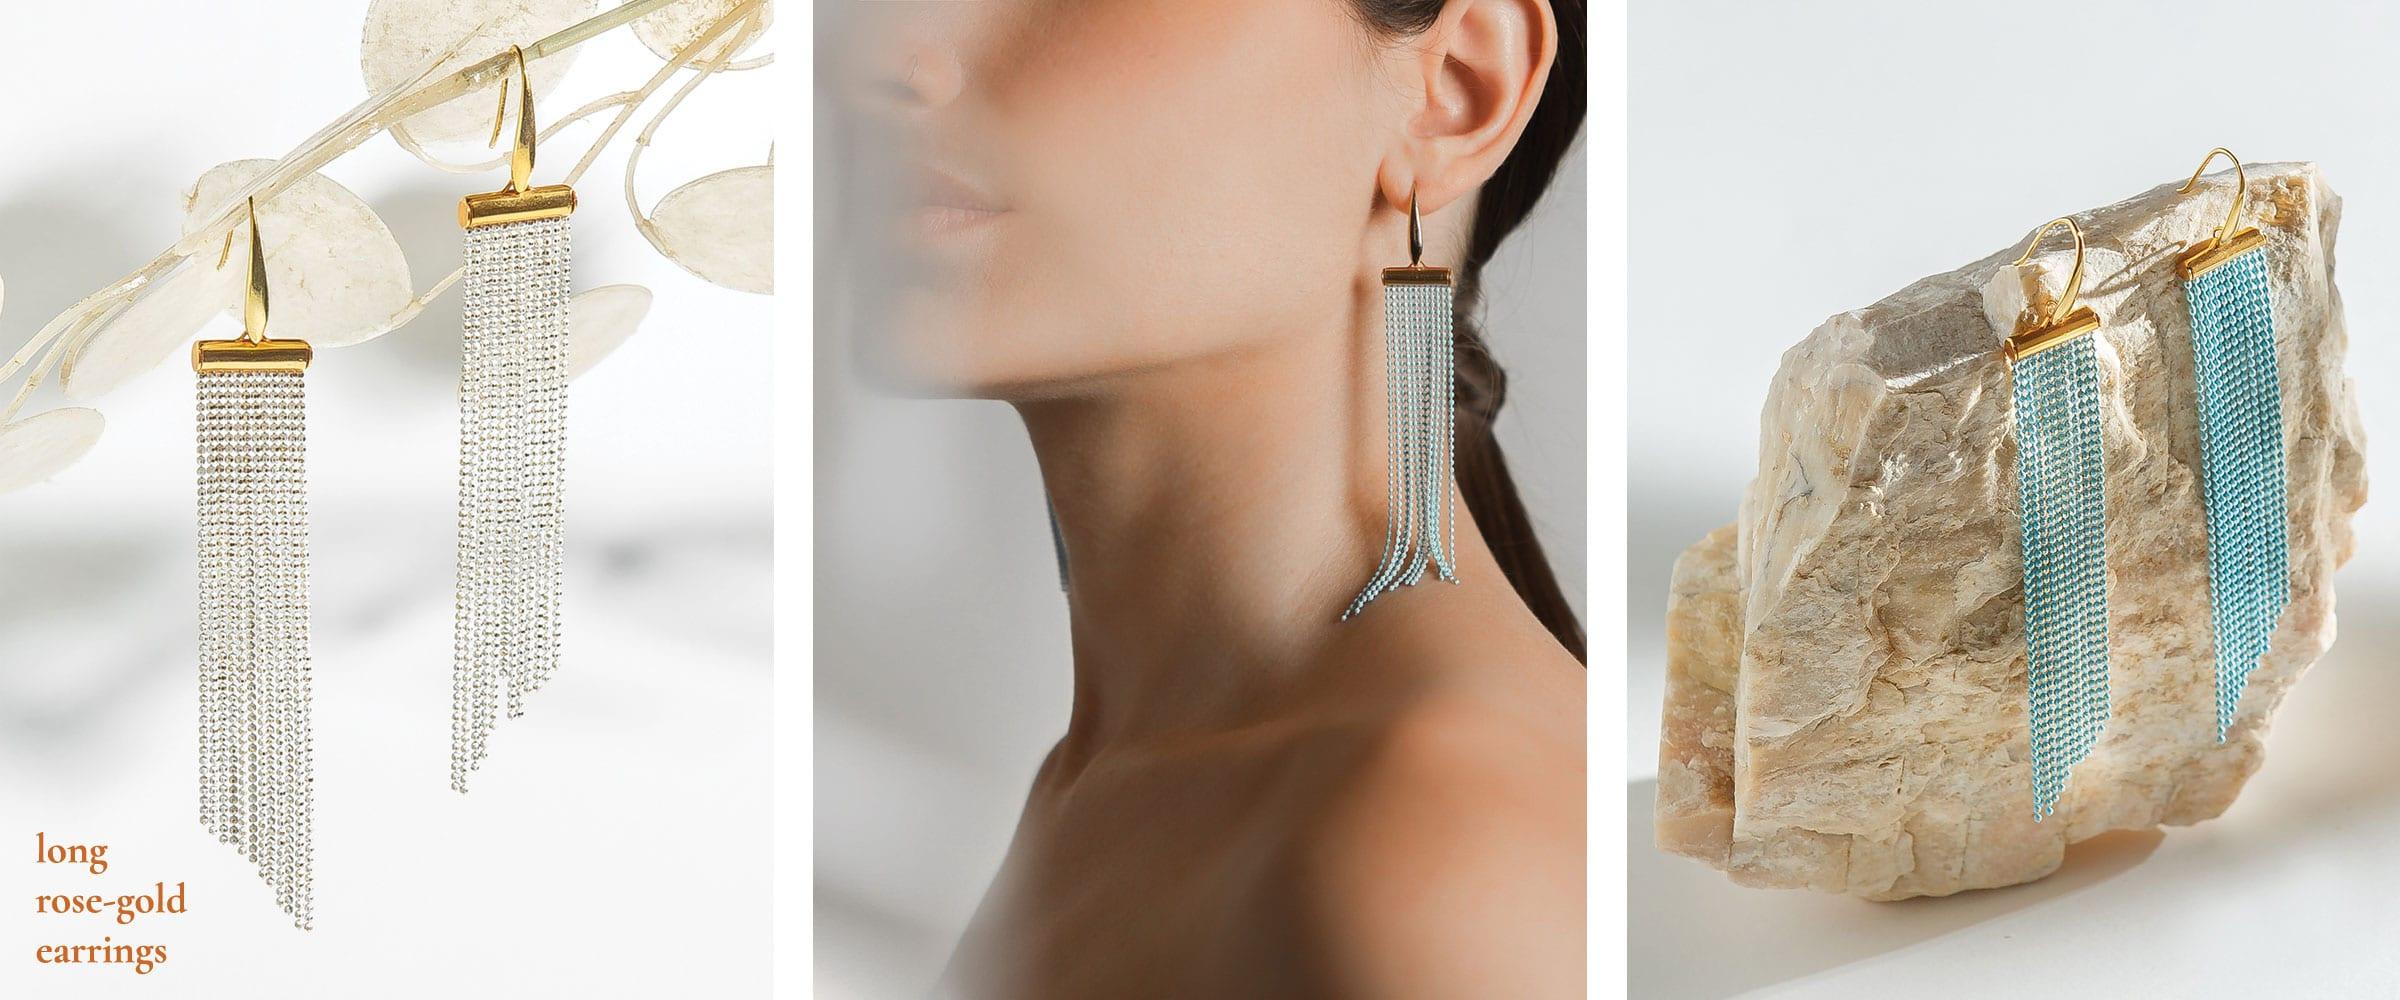 long-rose-gold-earrings